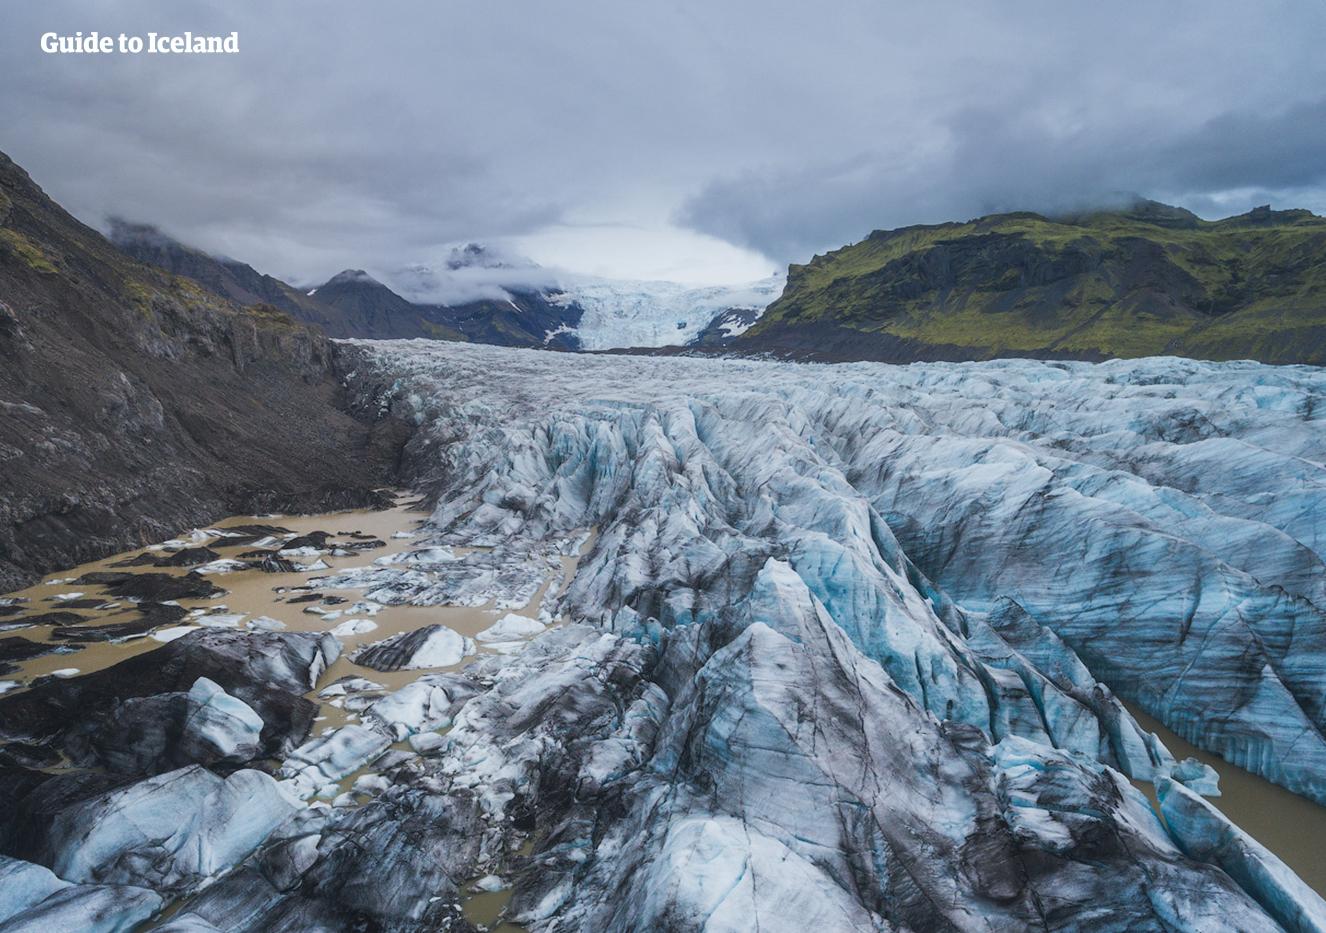 6日間のオーロラハンティングツアー | 氷の洞窟探検付き